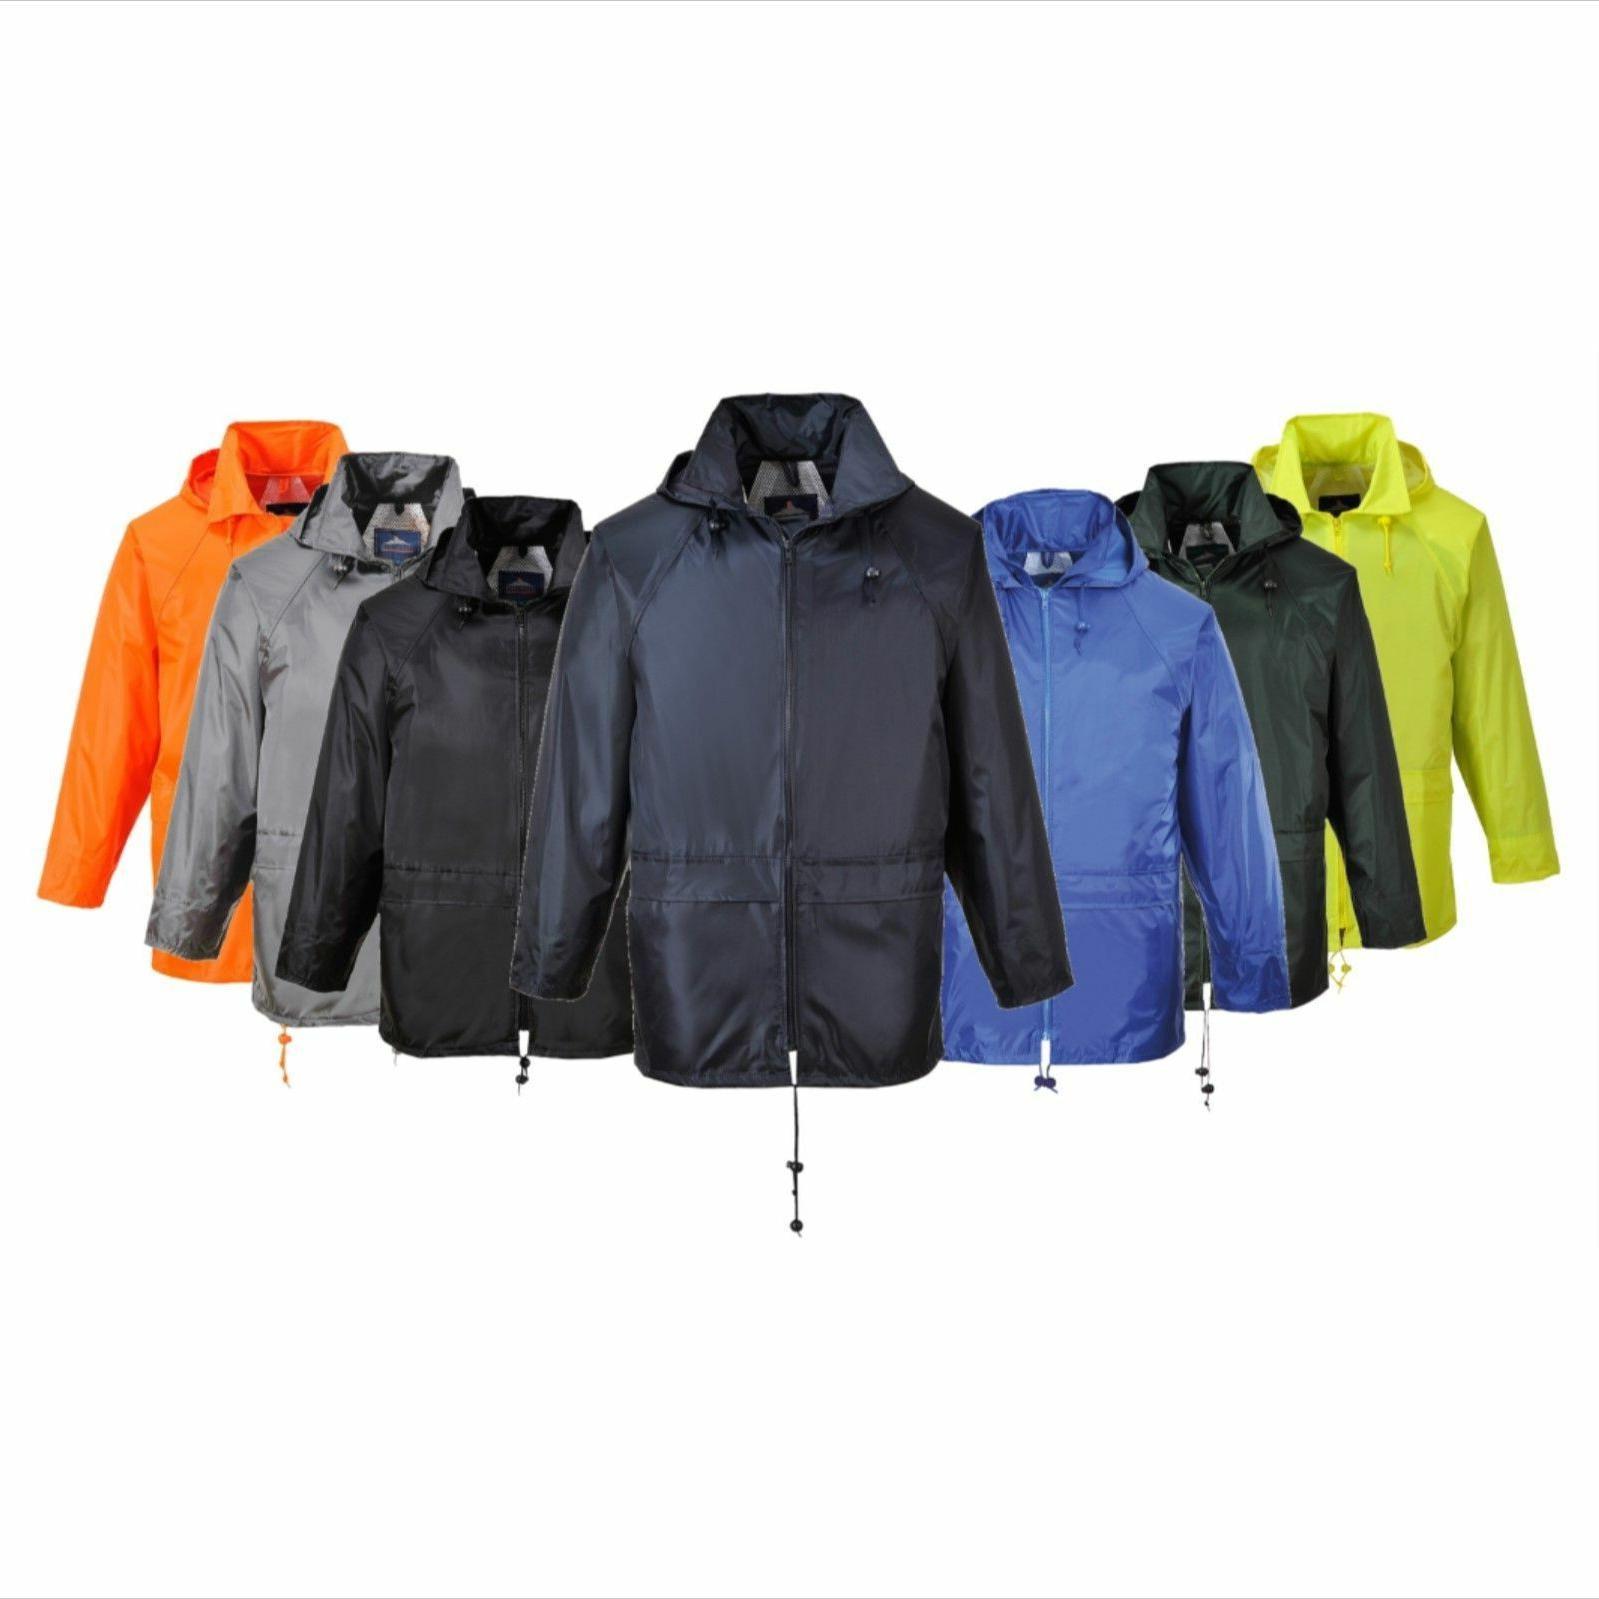 Portwest Rain Jacket Waterproof Hooded Winter Coat S440